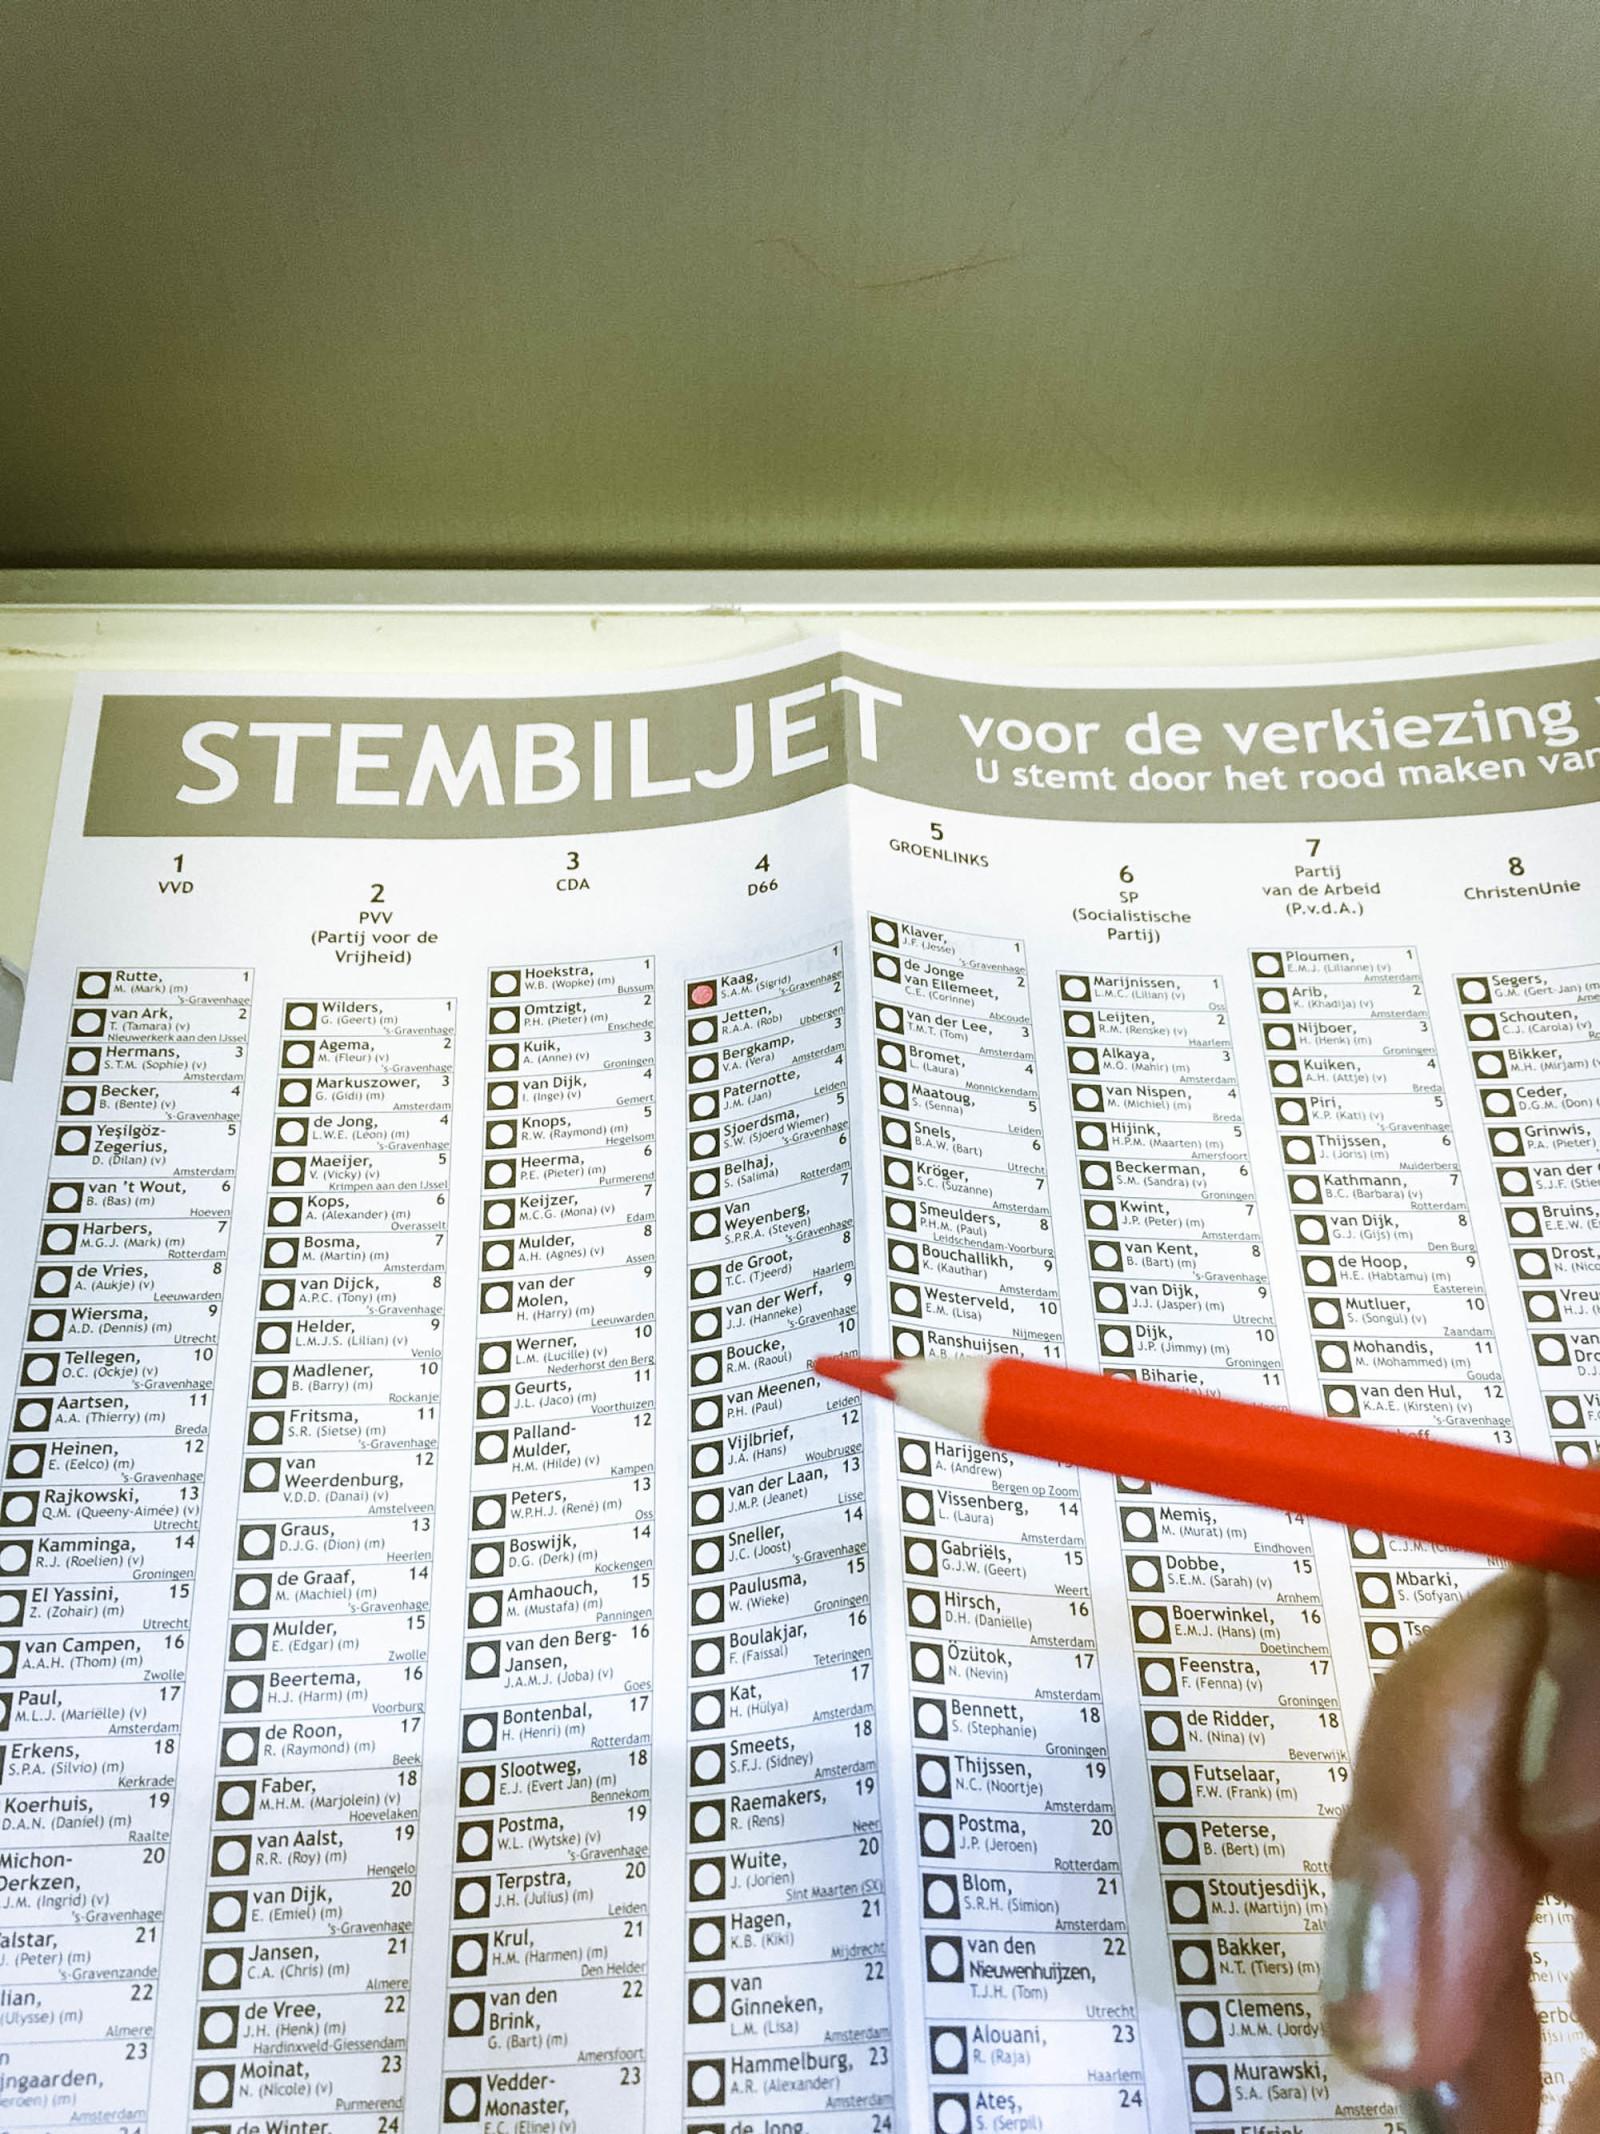 オランダでは簡単なマークシート方式で投票できるそう。